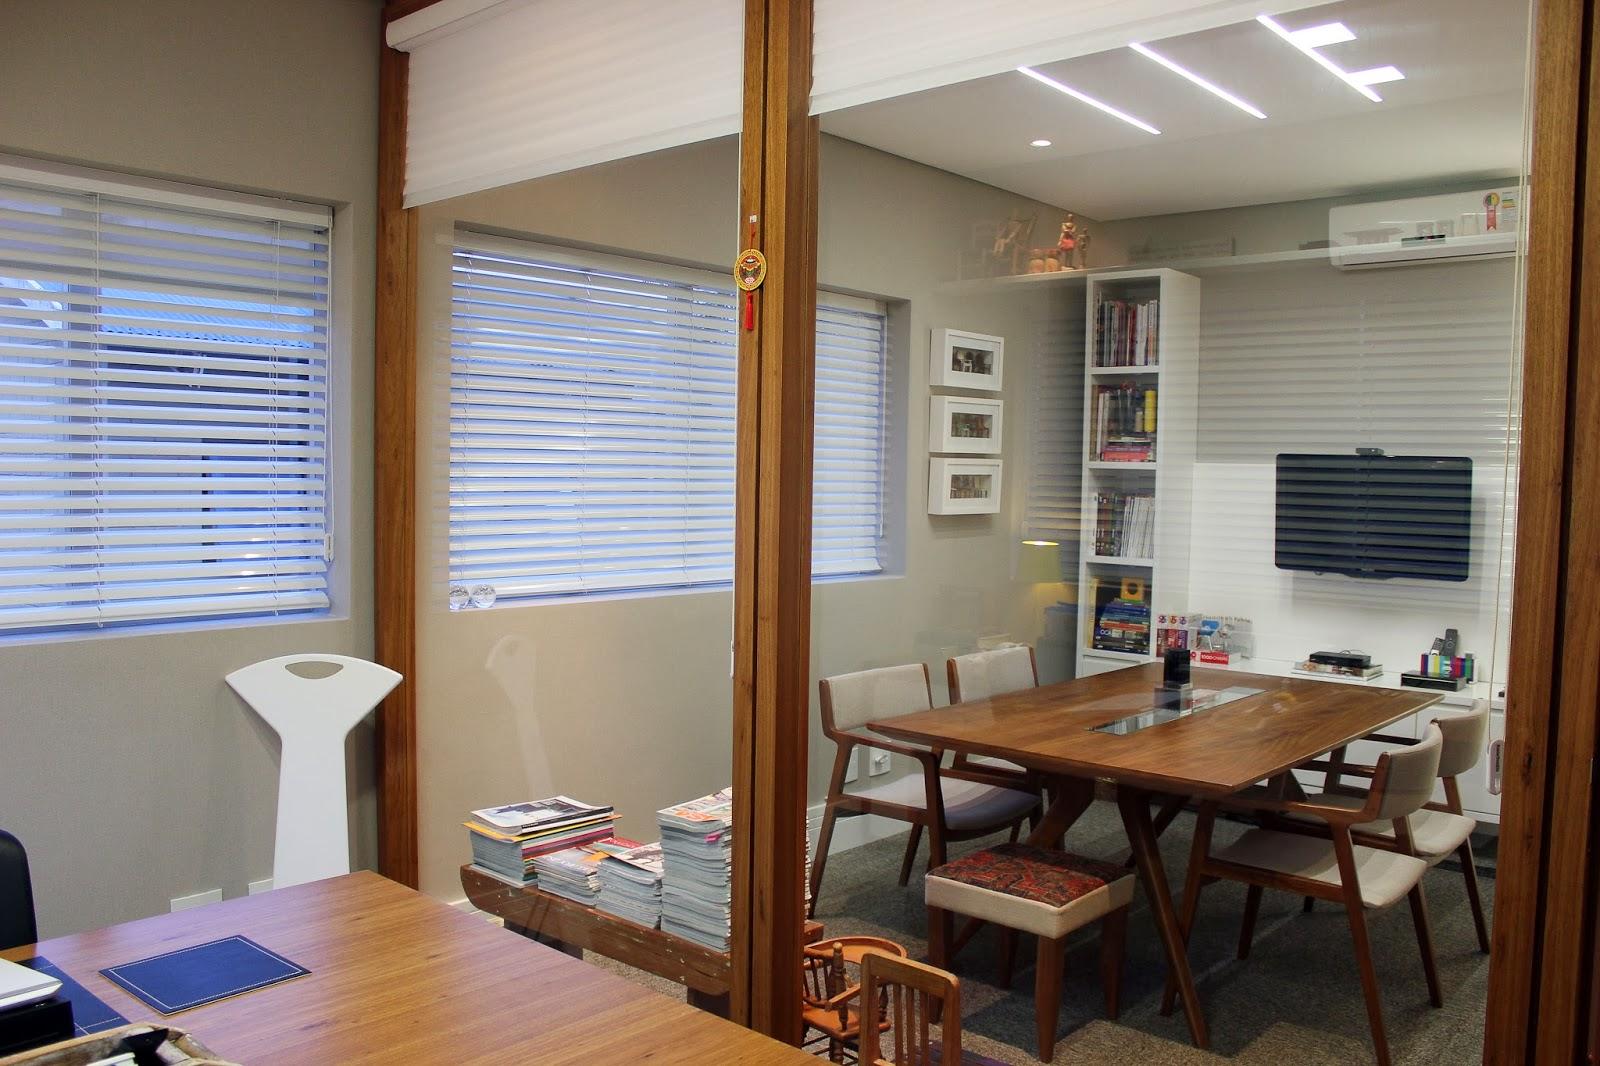 #694225 Ateliê Revestimentos: O Ateliê recomenda: escritório com  804 Limpar Janelas Aluminio